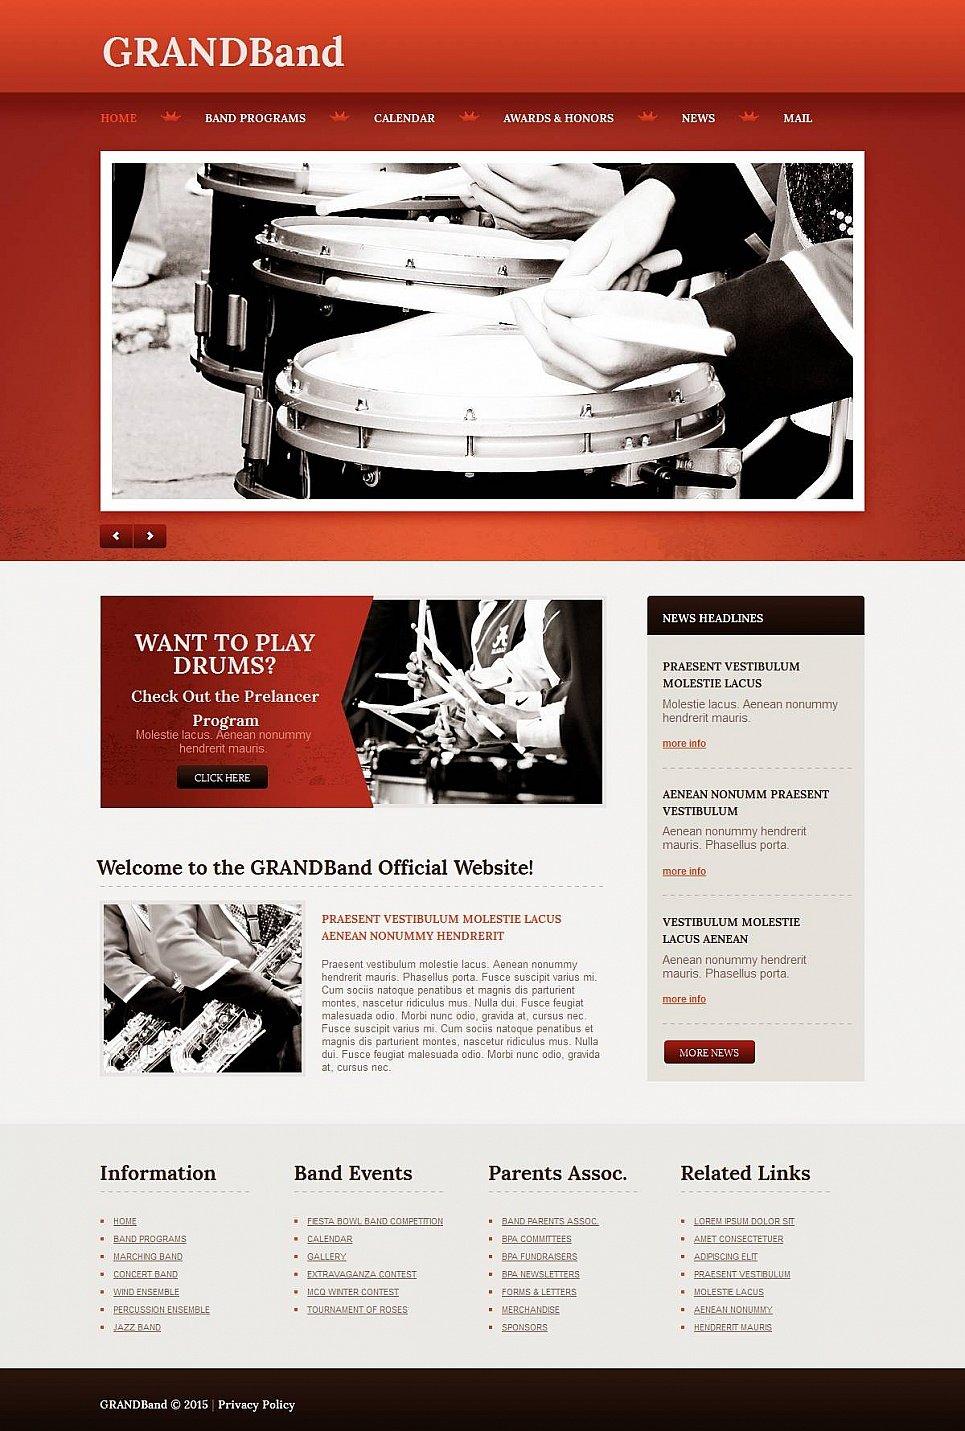 Szablon Strony Zespolu Perkusyjnego - image